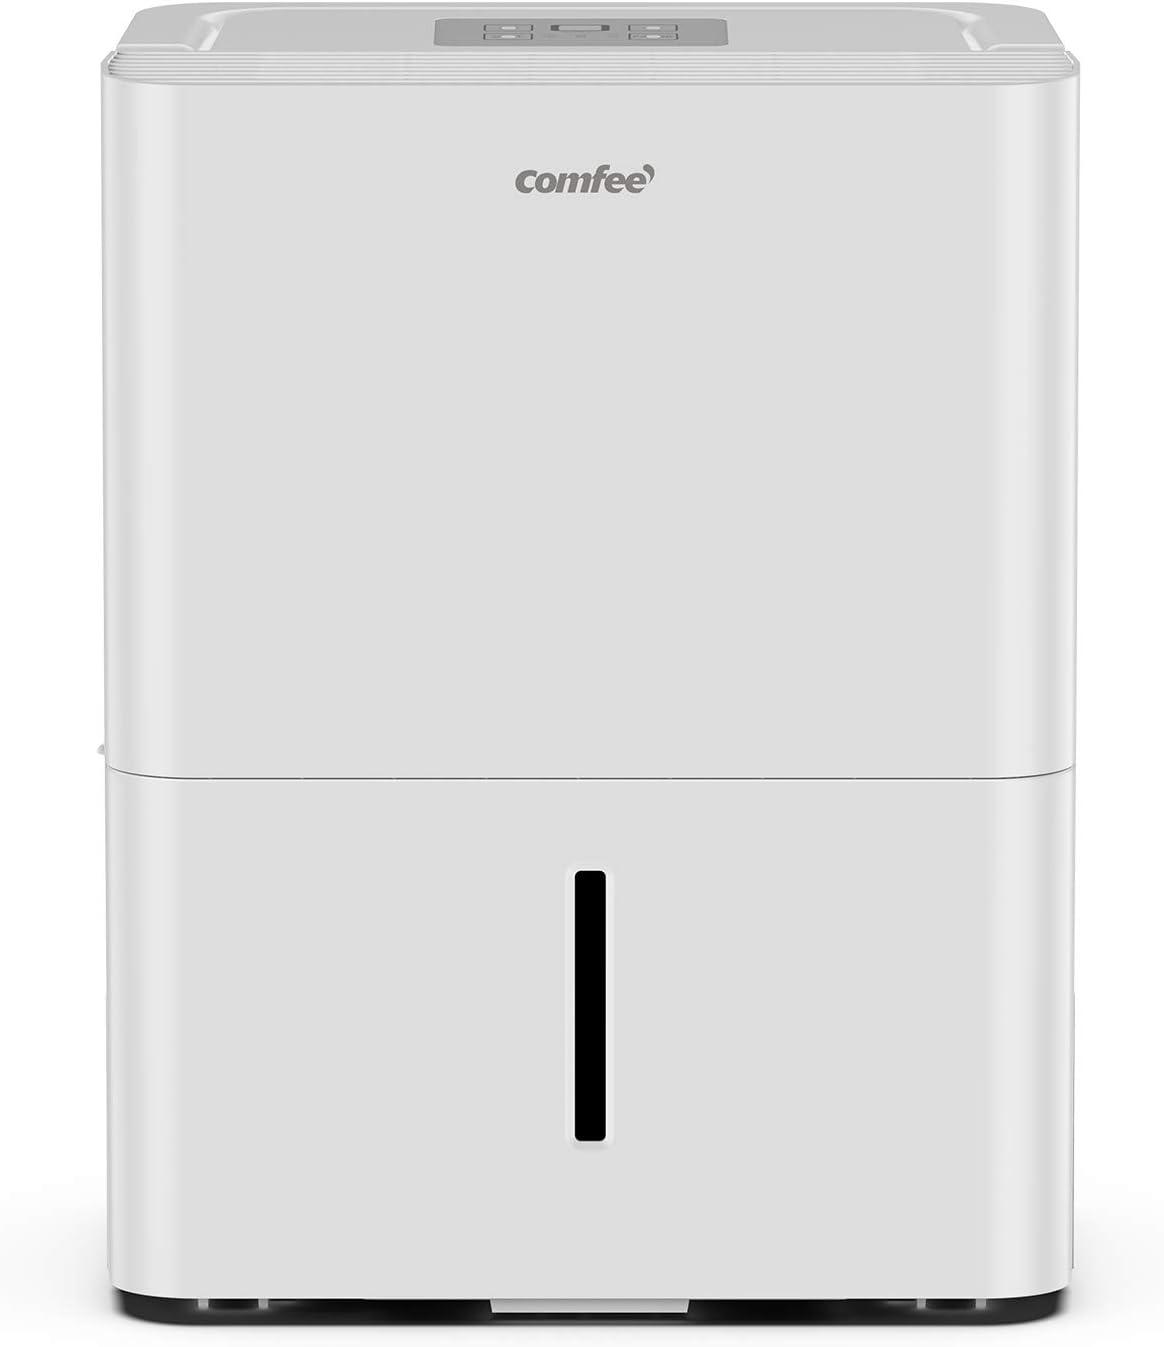 Comfee MDDN-12DEN7 Deshumidificador, 230 W, 230 V, White, 12L